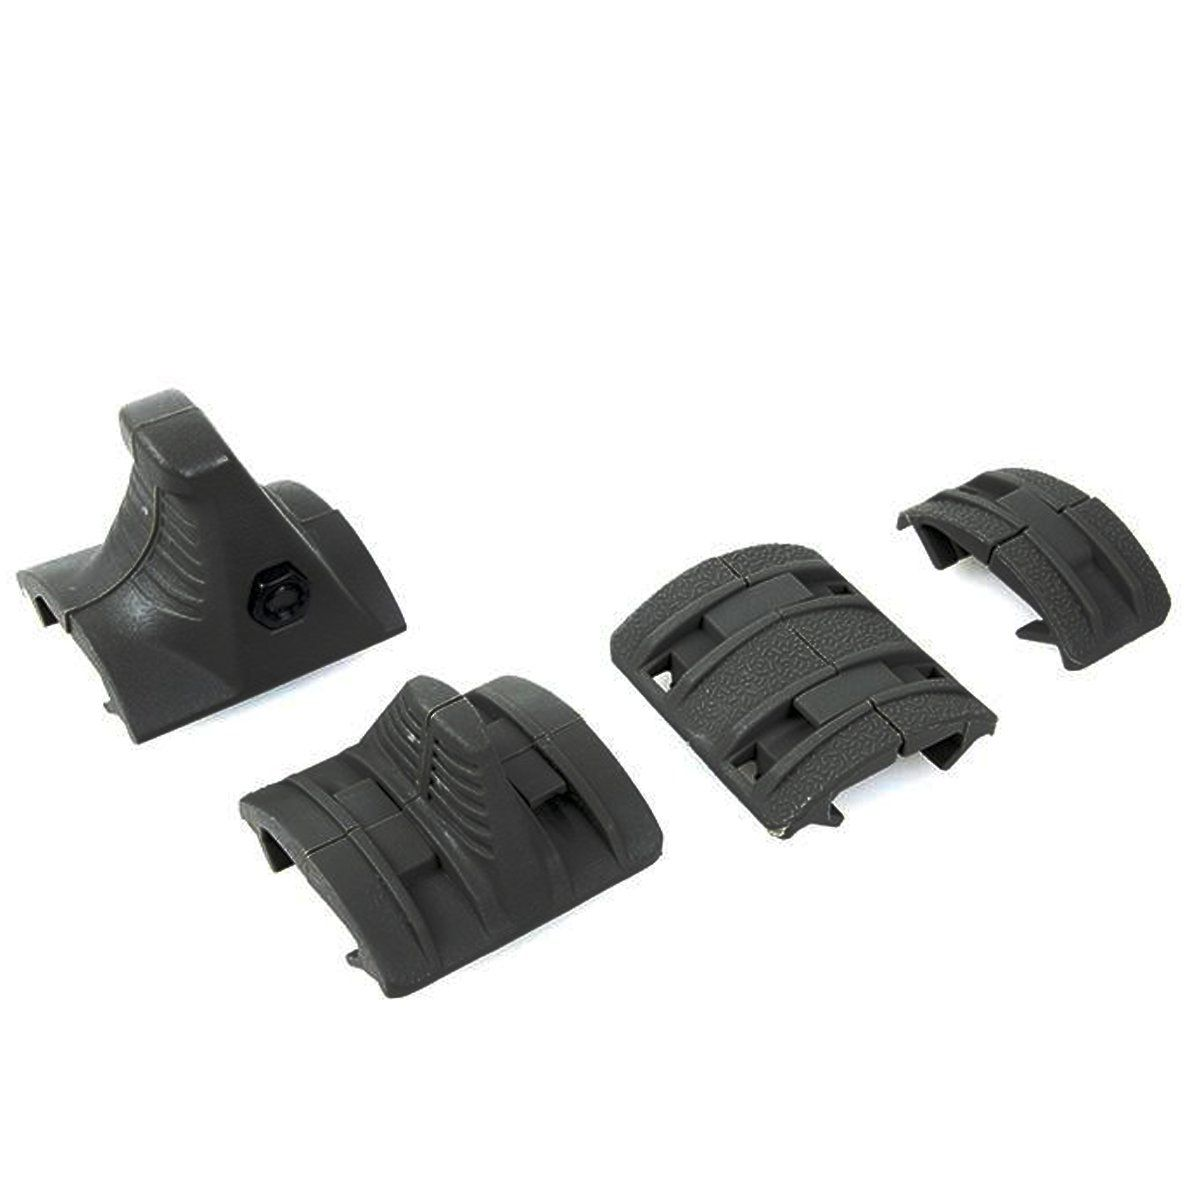 Protetor de Mão Para Trilho Ris 20mm FMA Preto